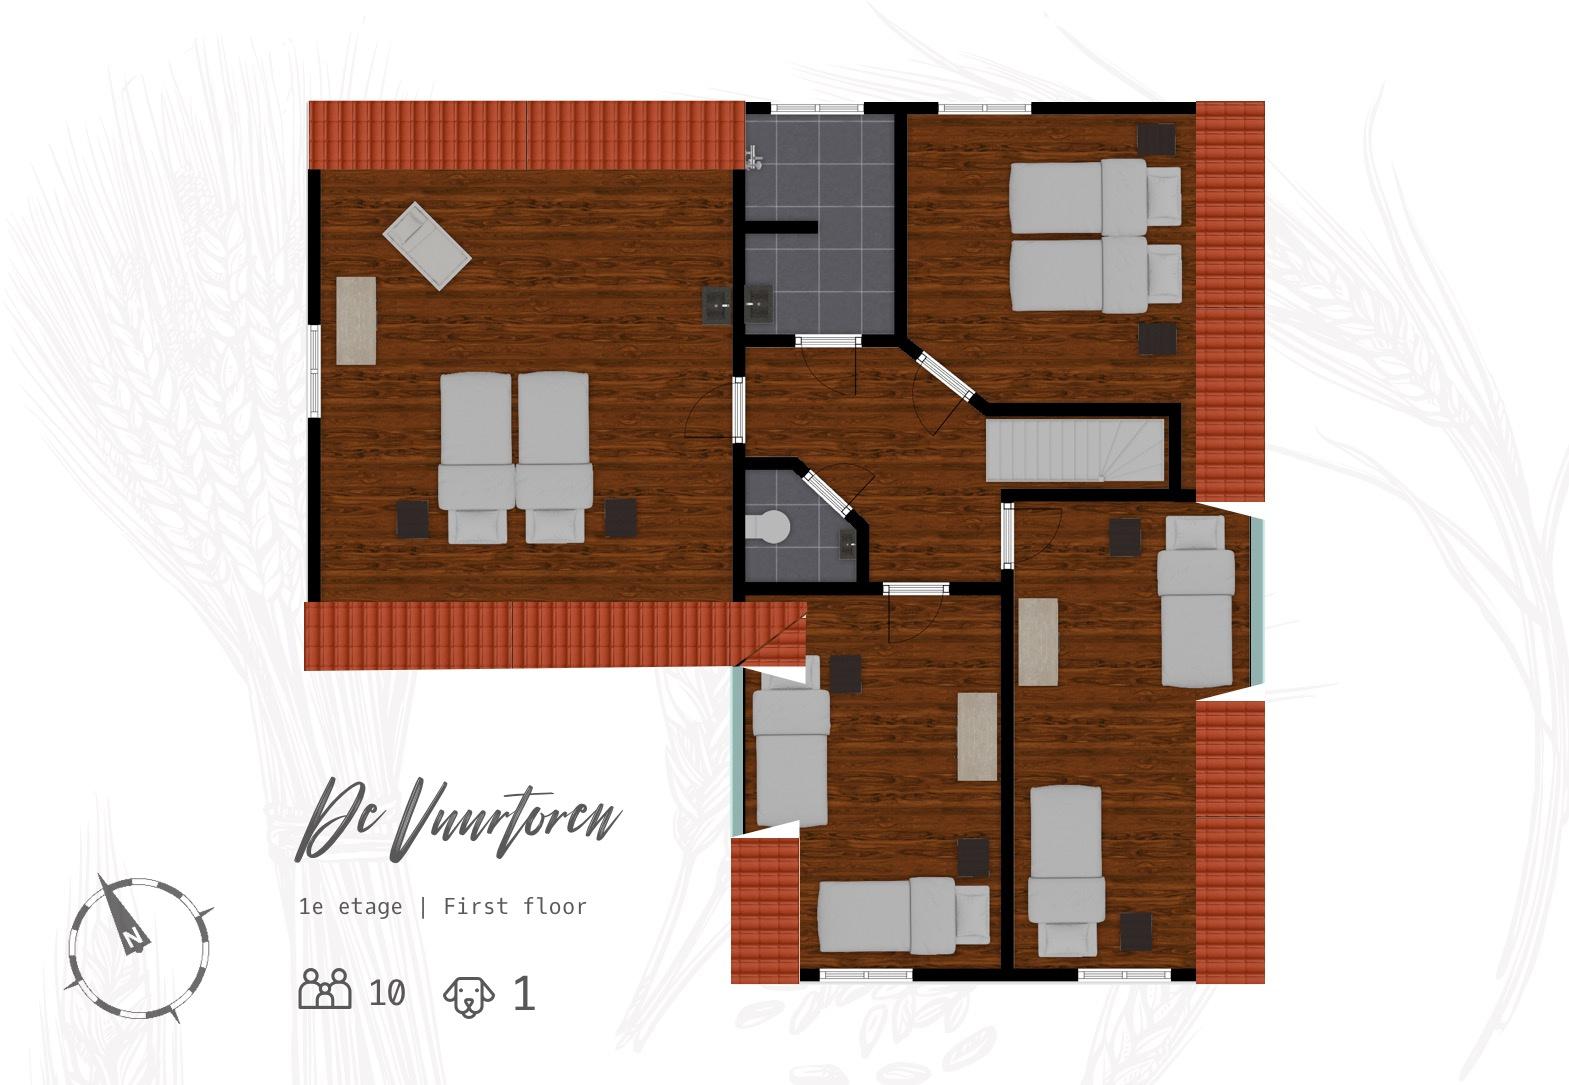 de-vuurtoren-1e-etage